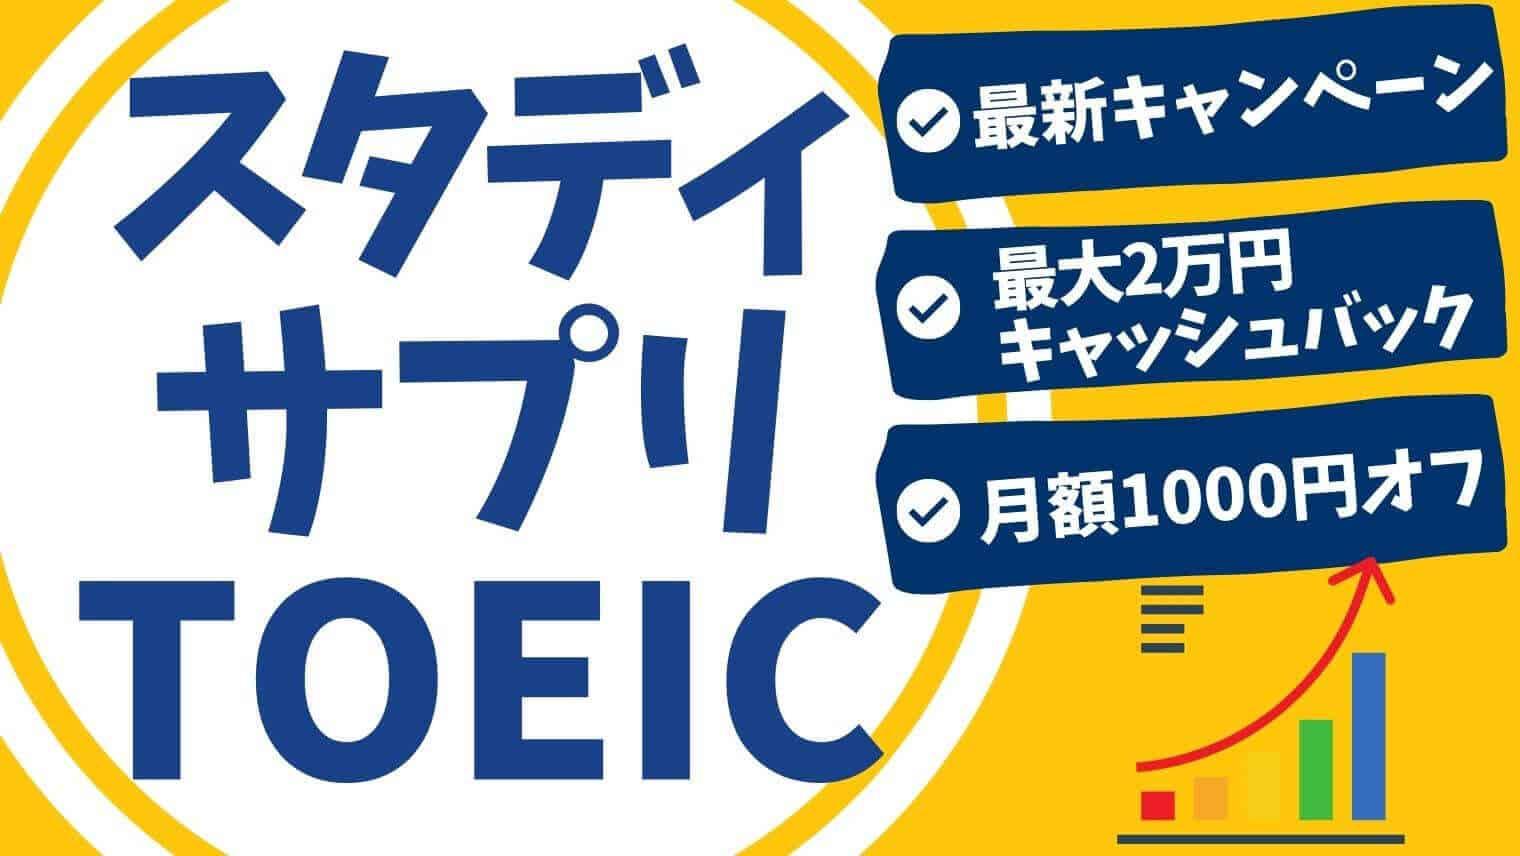 スタディサプリTOEIC最安値・口コミ・評判